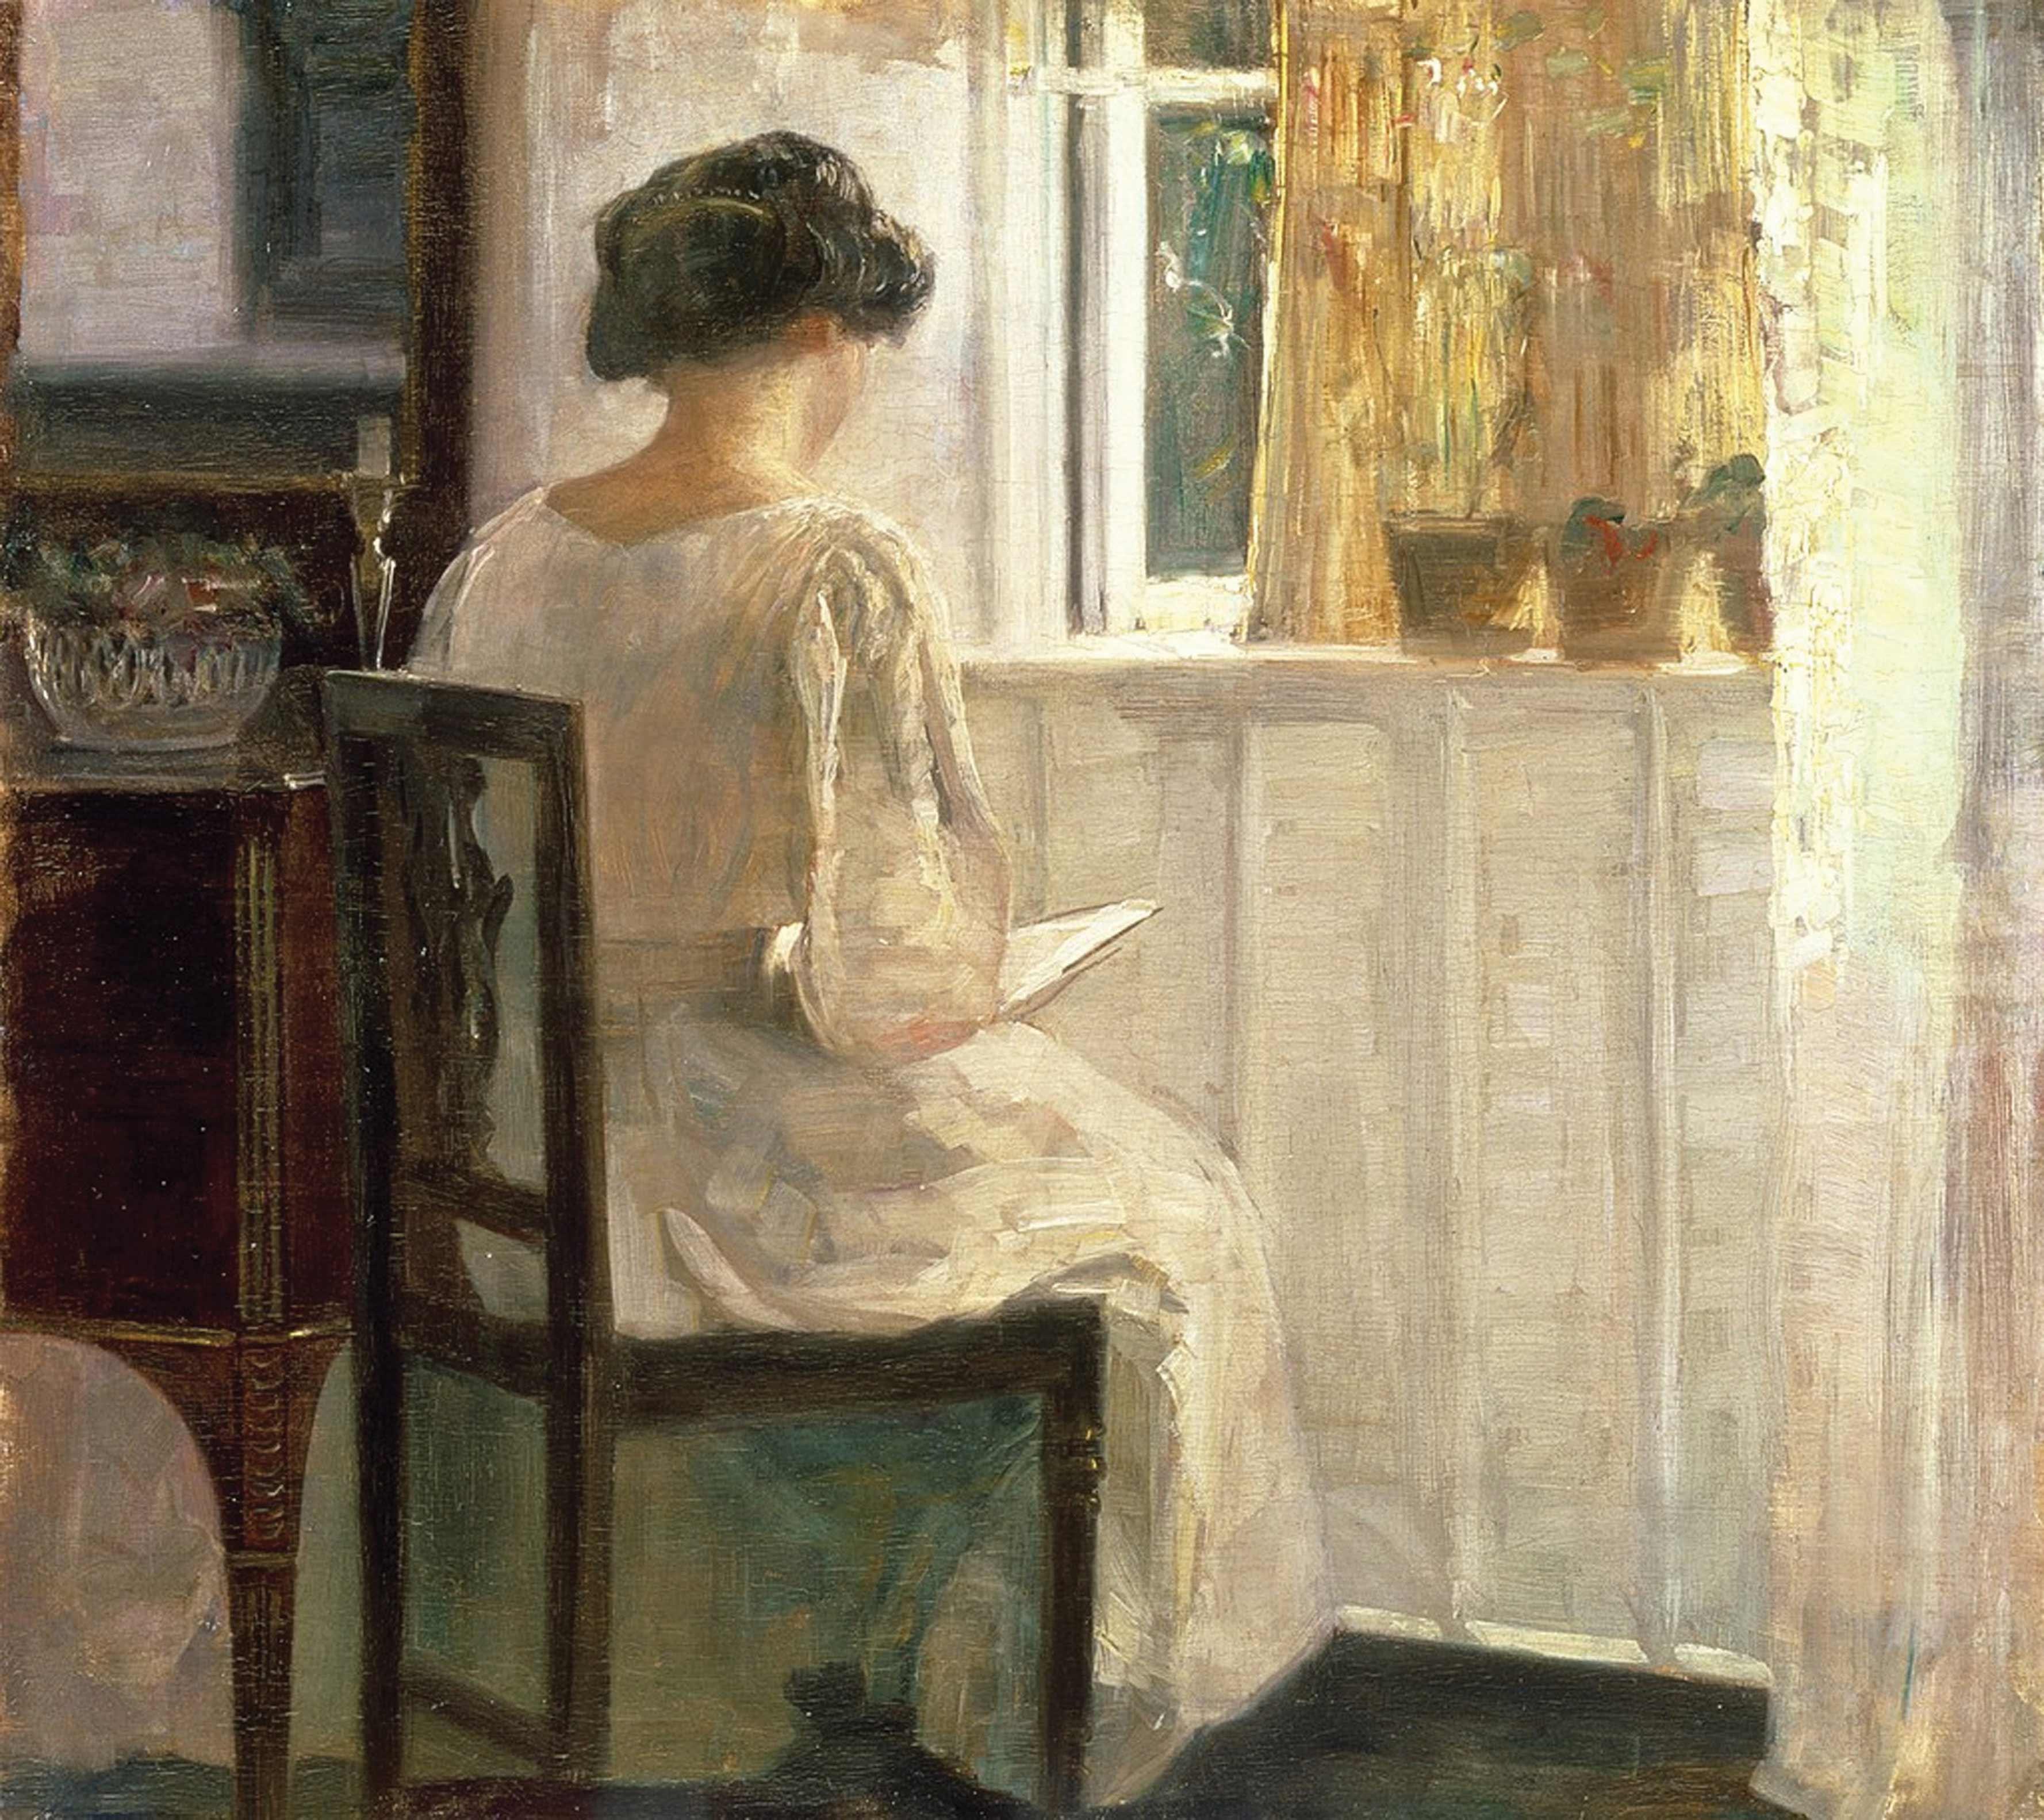 נשים יודעות קרוא וכתוב הפכו למחזה נפוץ יותר ויותר במערב במאה ה-19. אחר צהריים קסום, קרל הולזה, שמן על בד, שלהי המאה ה-19